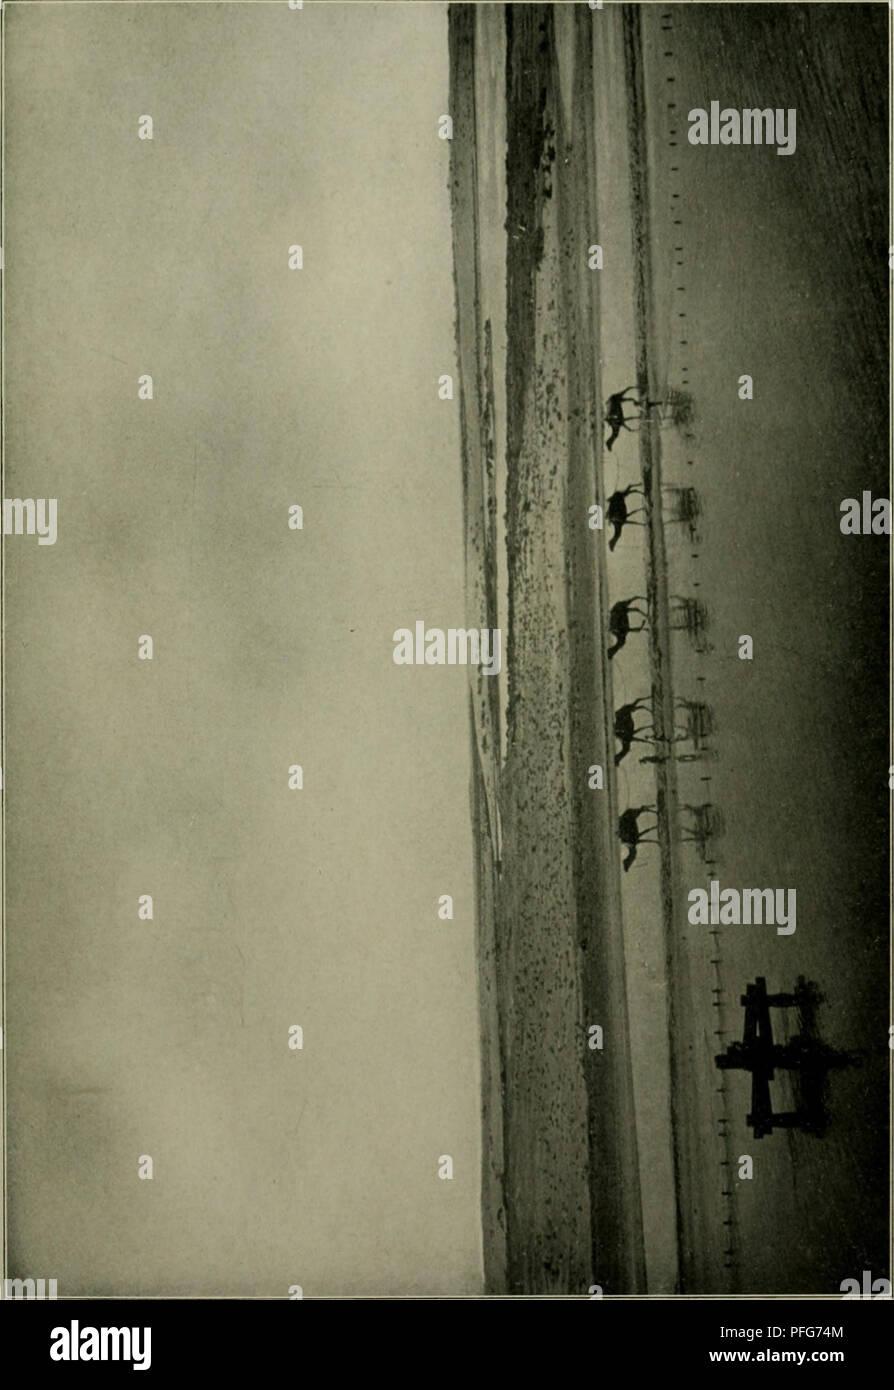 . Das Leben der Pflanze. Piante; piante; piante; Phytogeography. . Si prega di notare che queste immagini vengono estratte dalla pagina sottoposta a scansione di immagini che possono essere state migliorate digitalmente per la leggibilità - Colorazione e aspetto di queste illustrazioni potrebbero non perfettamente assomigliano al lavoro originale. Francé, R. H. (Raoul Heinrich), 1874-1943; Gothan, Walther Ulrich Eduard Friedrich, 1879-1954; Lange, Willy, 1864-. Stoccarda, Kosmos, Gesellschaft der Naturfreunde Foto Stock